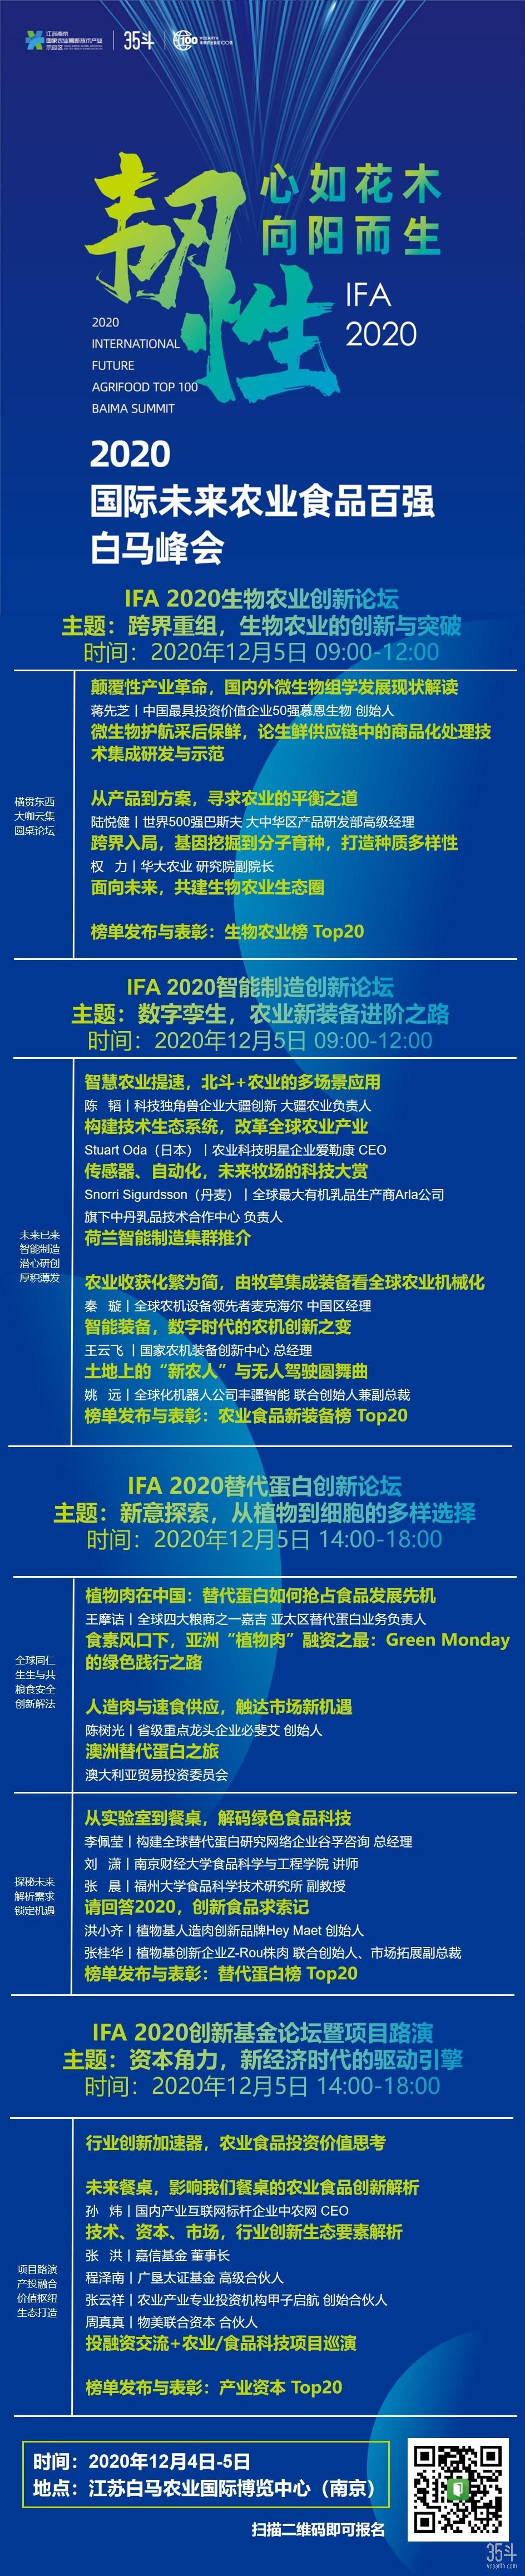 白马峰会 5号议程.jpg